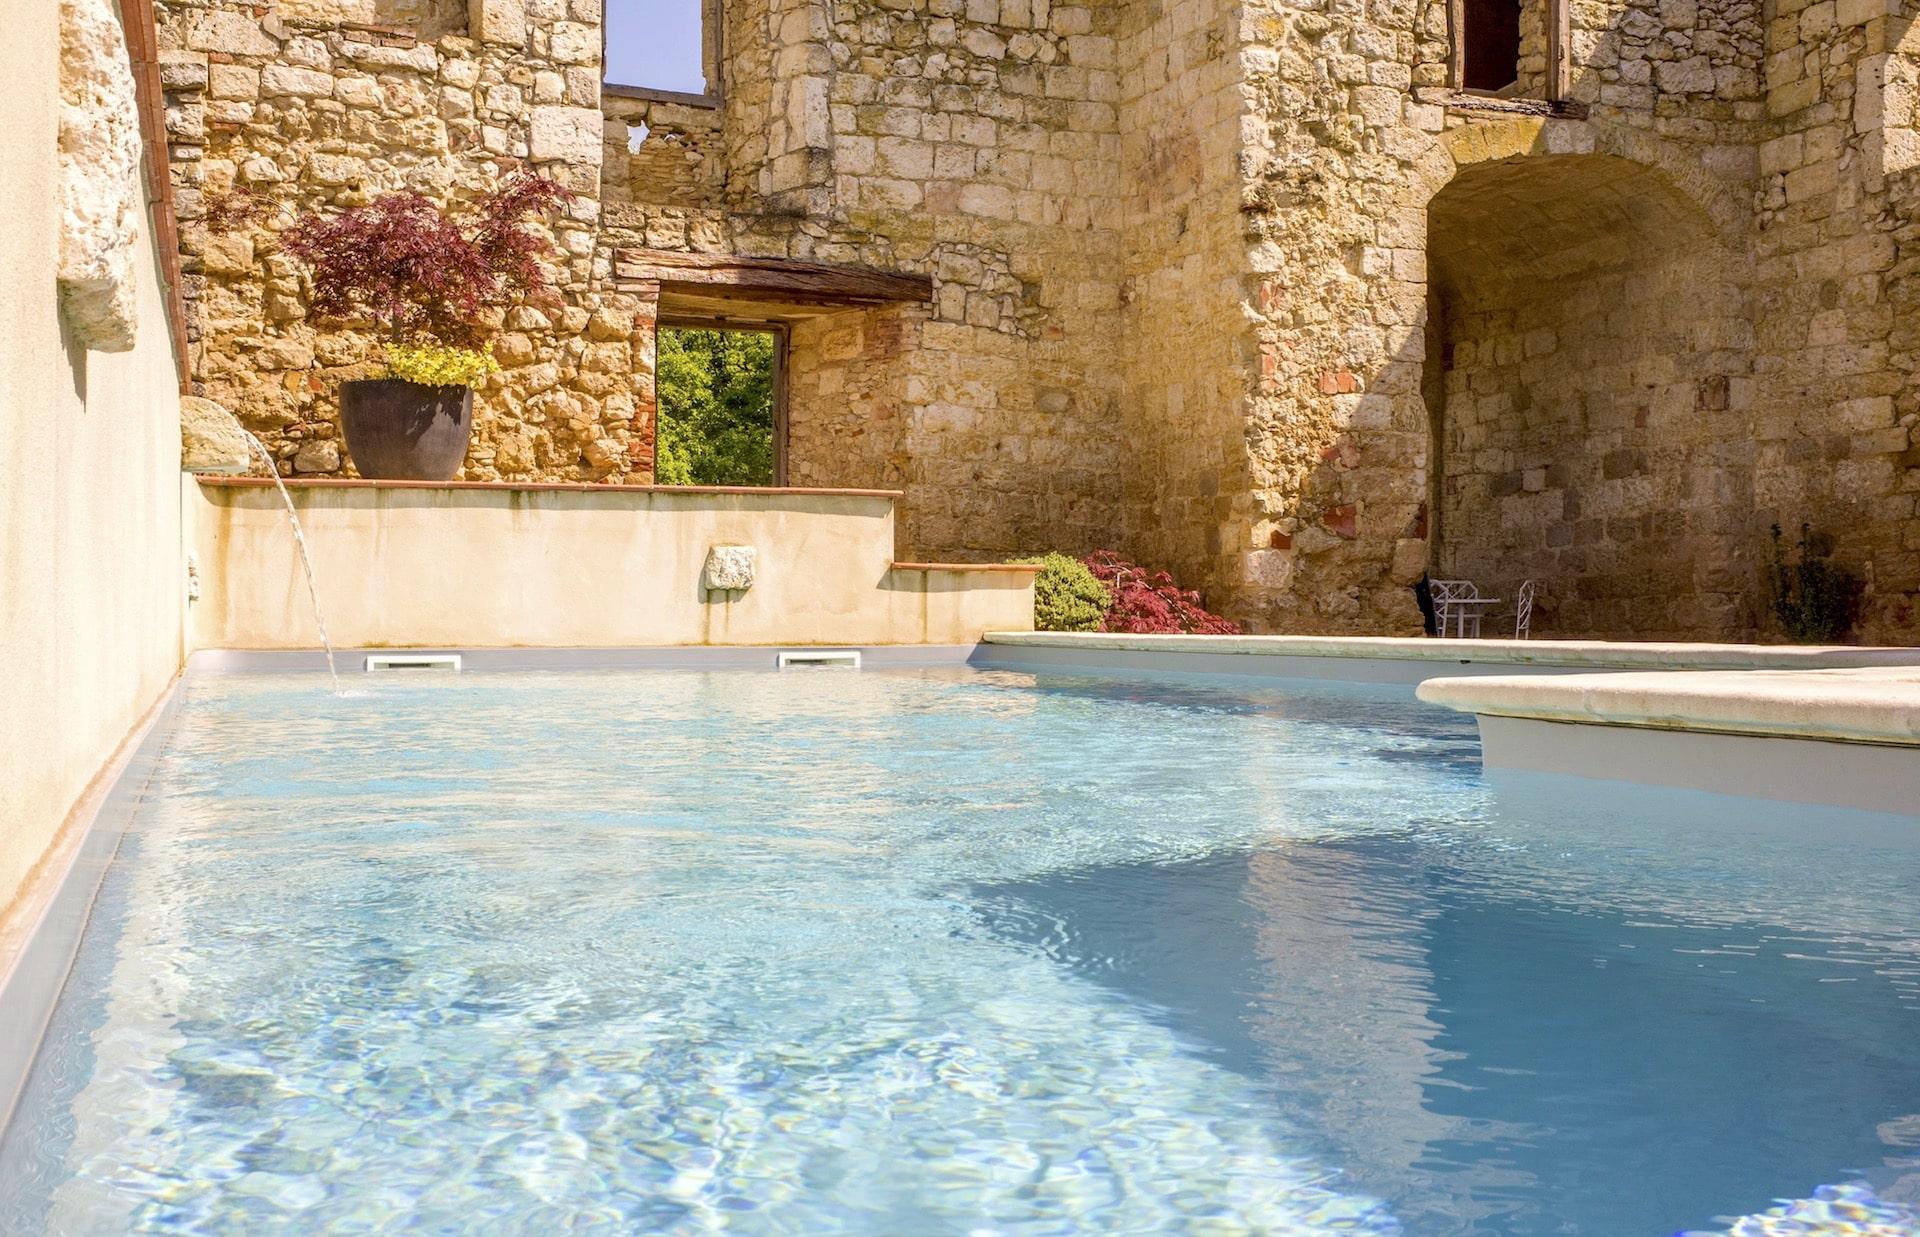 piscine chauffée privée de la maison de vacances